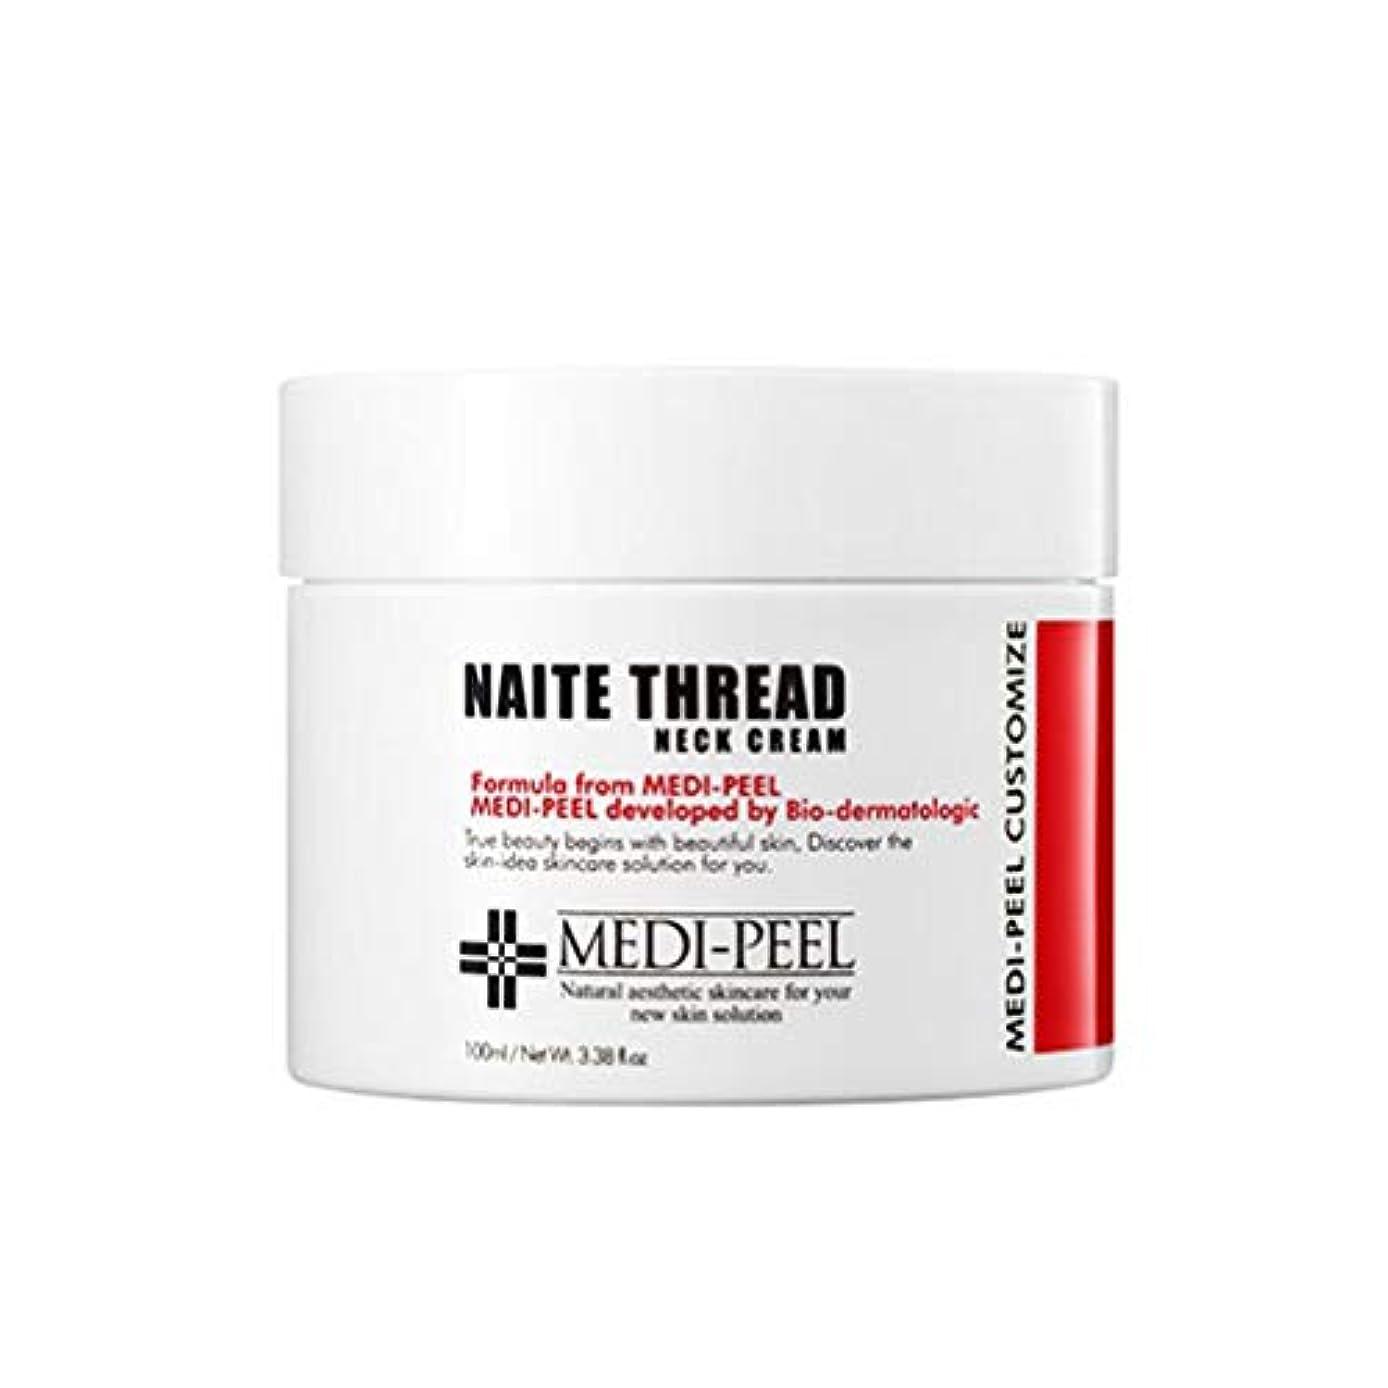 グリーンバック多数のええメディ?フィルナイテ糸ネッククリーム100ml 首のしわのケア韓国コスメ、Medi-Peel Naite Thread Neck Cream 100ml Korean Cosmetics [並行輸入品]